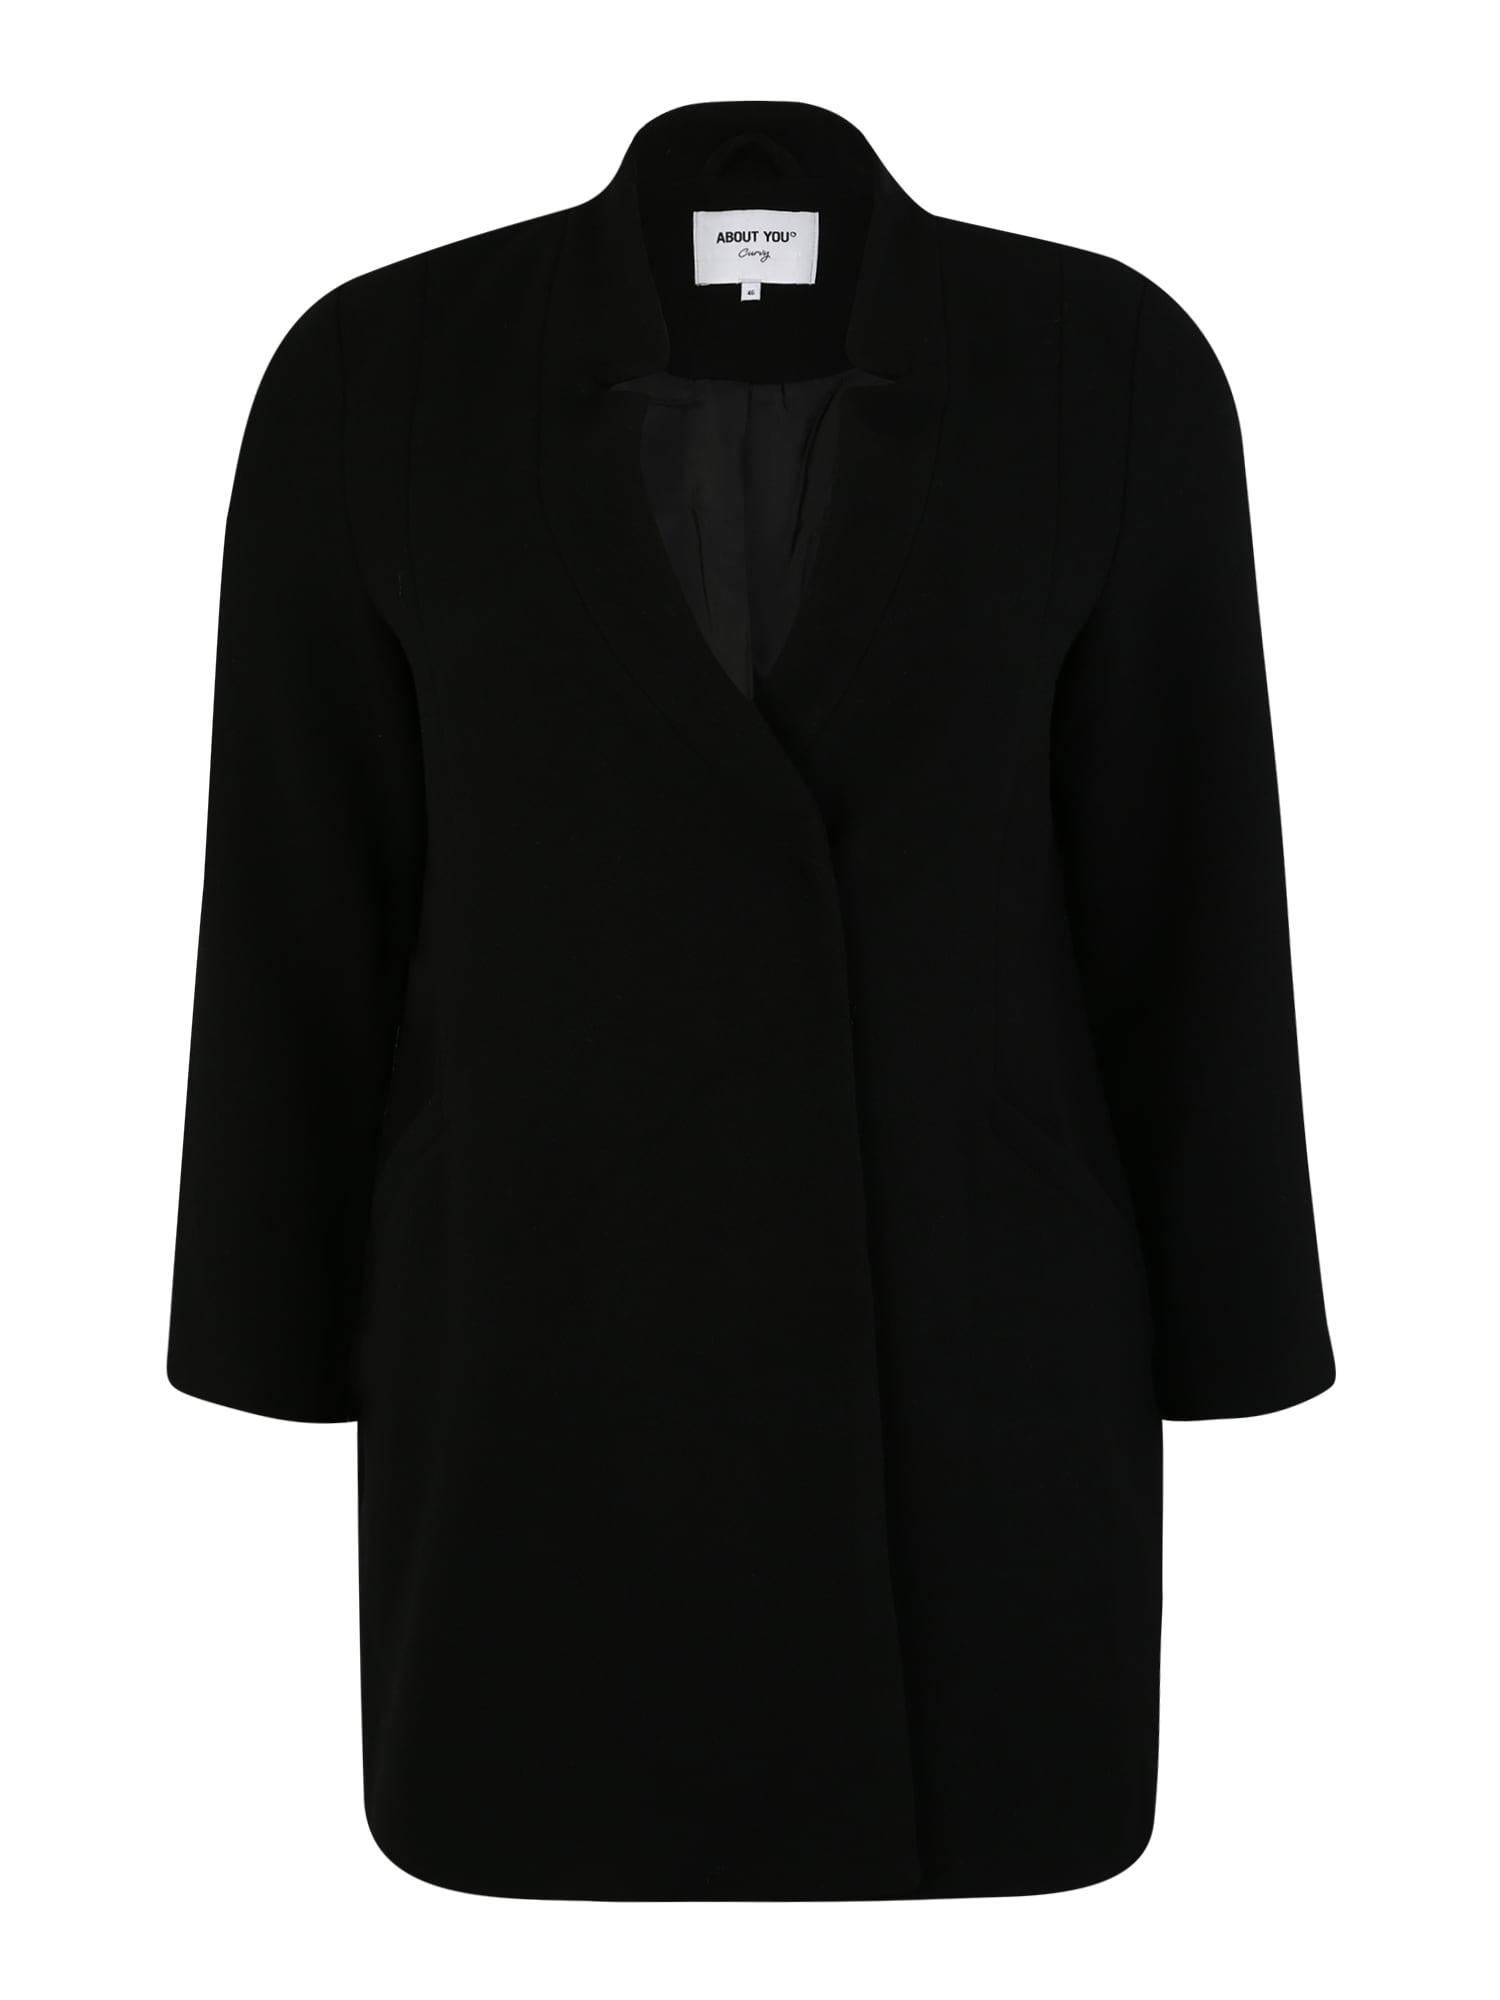 ABOUT YOU Curvy Rudeninis-žieminis paltas 'Cim' juoda